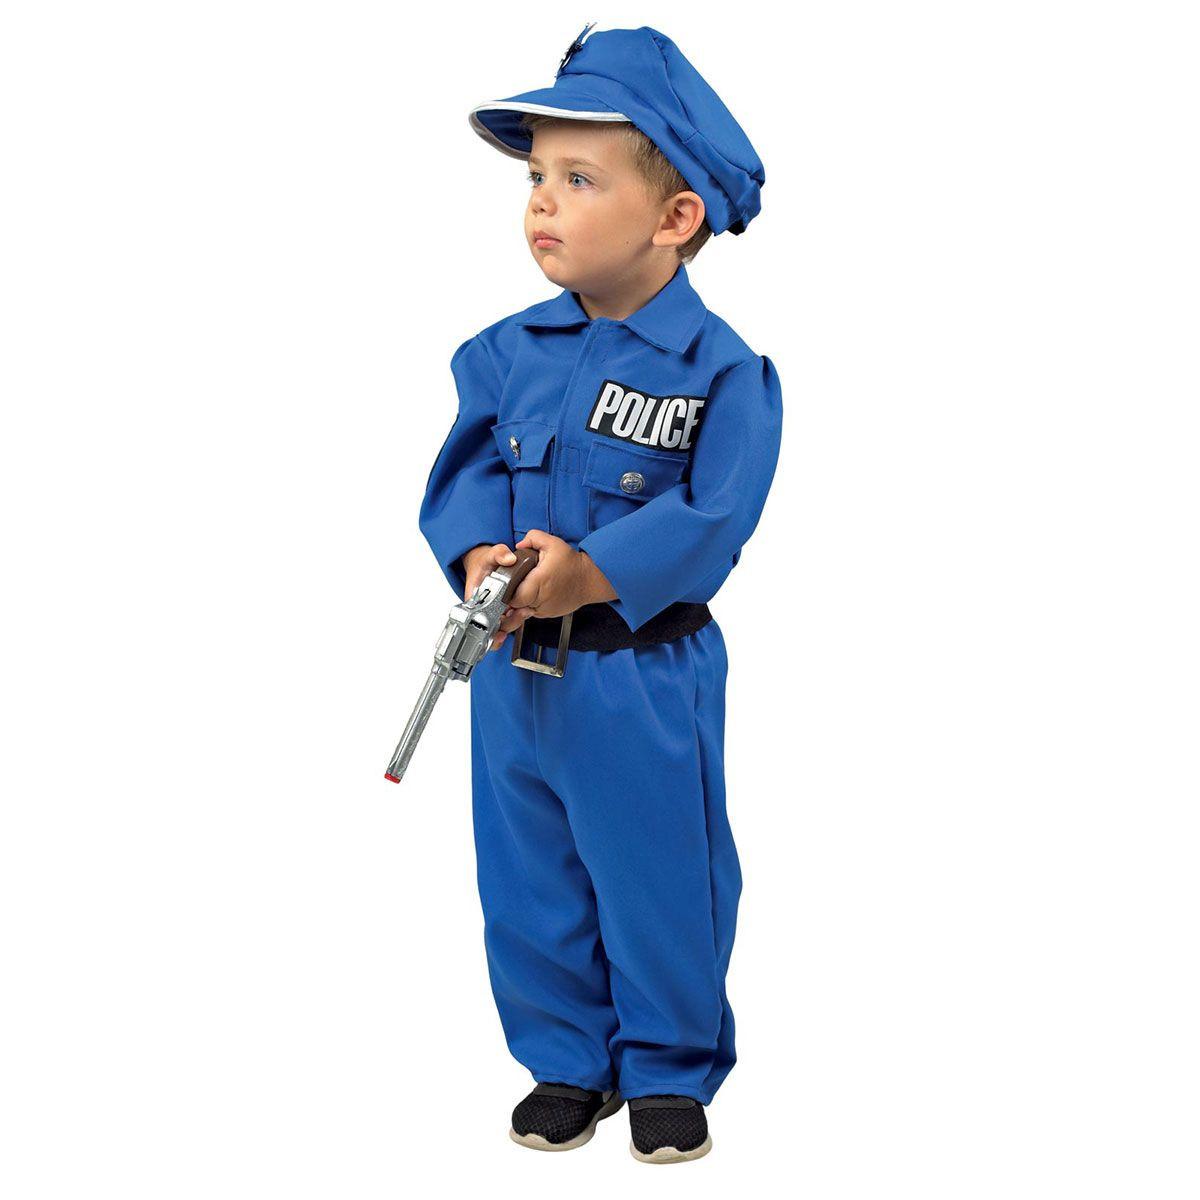 Αποκριάτικη Στολή Αστυνομικός 12 Μηνών (151)